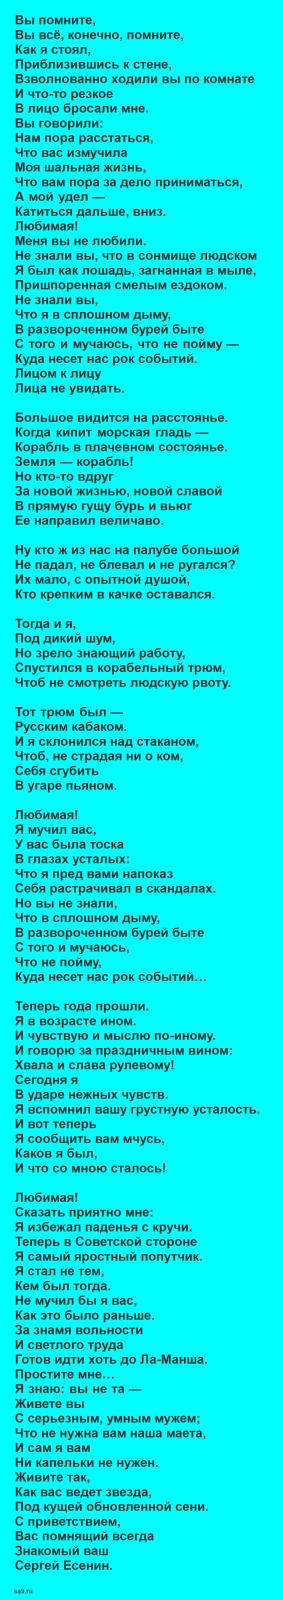 Стих Есенина к женщине - Письмо женщине